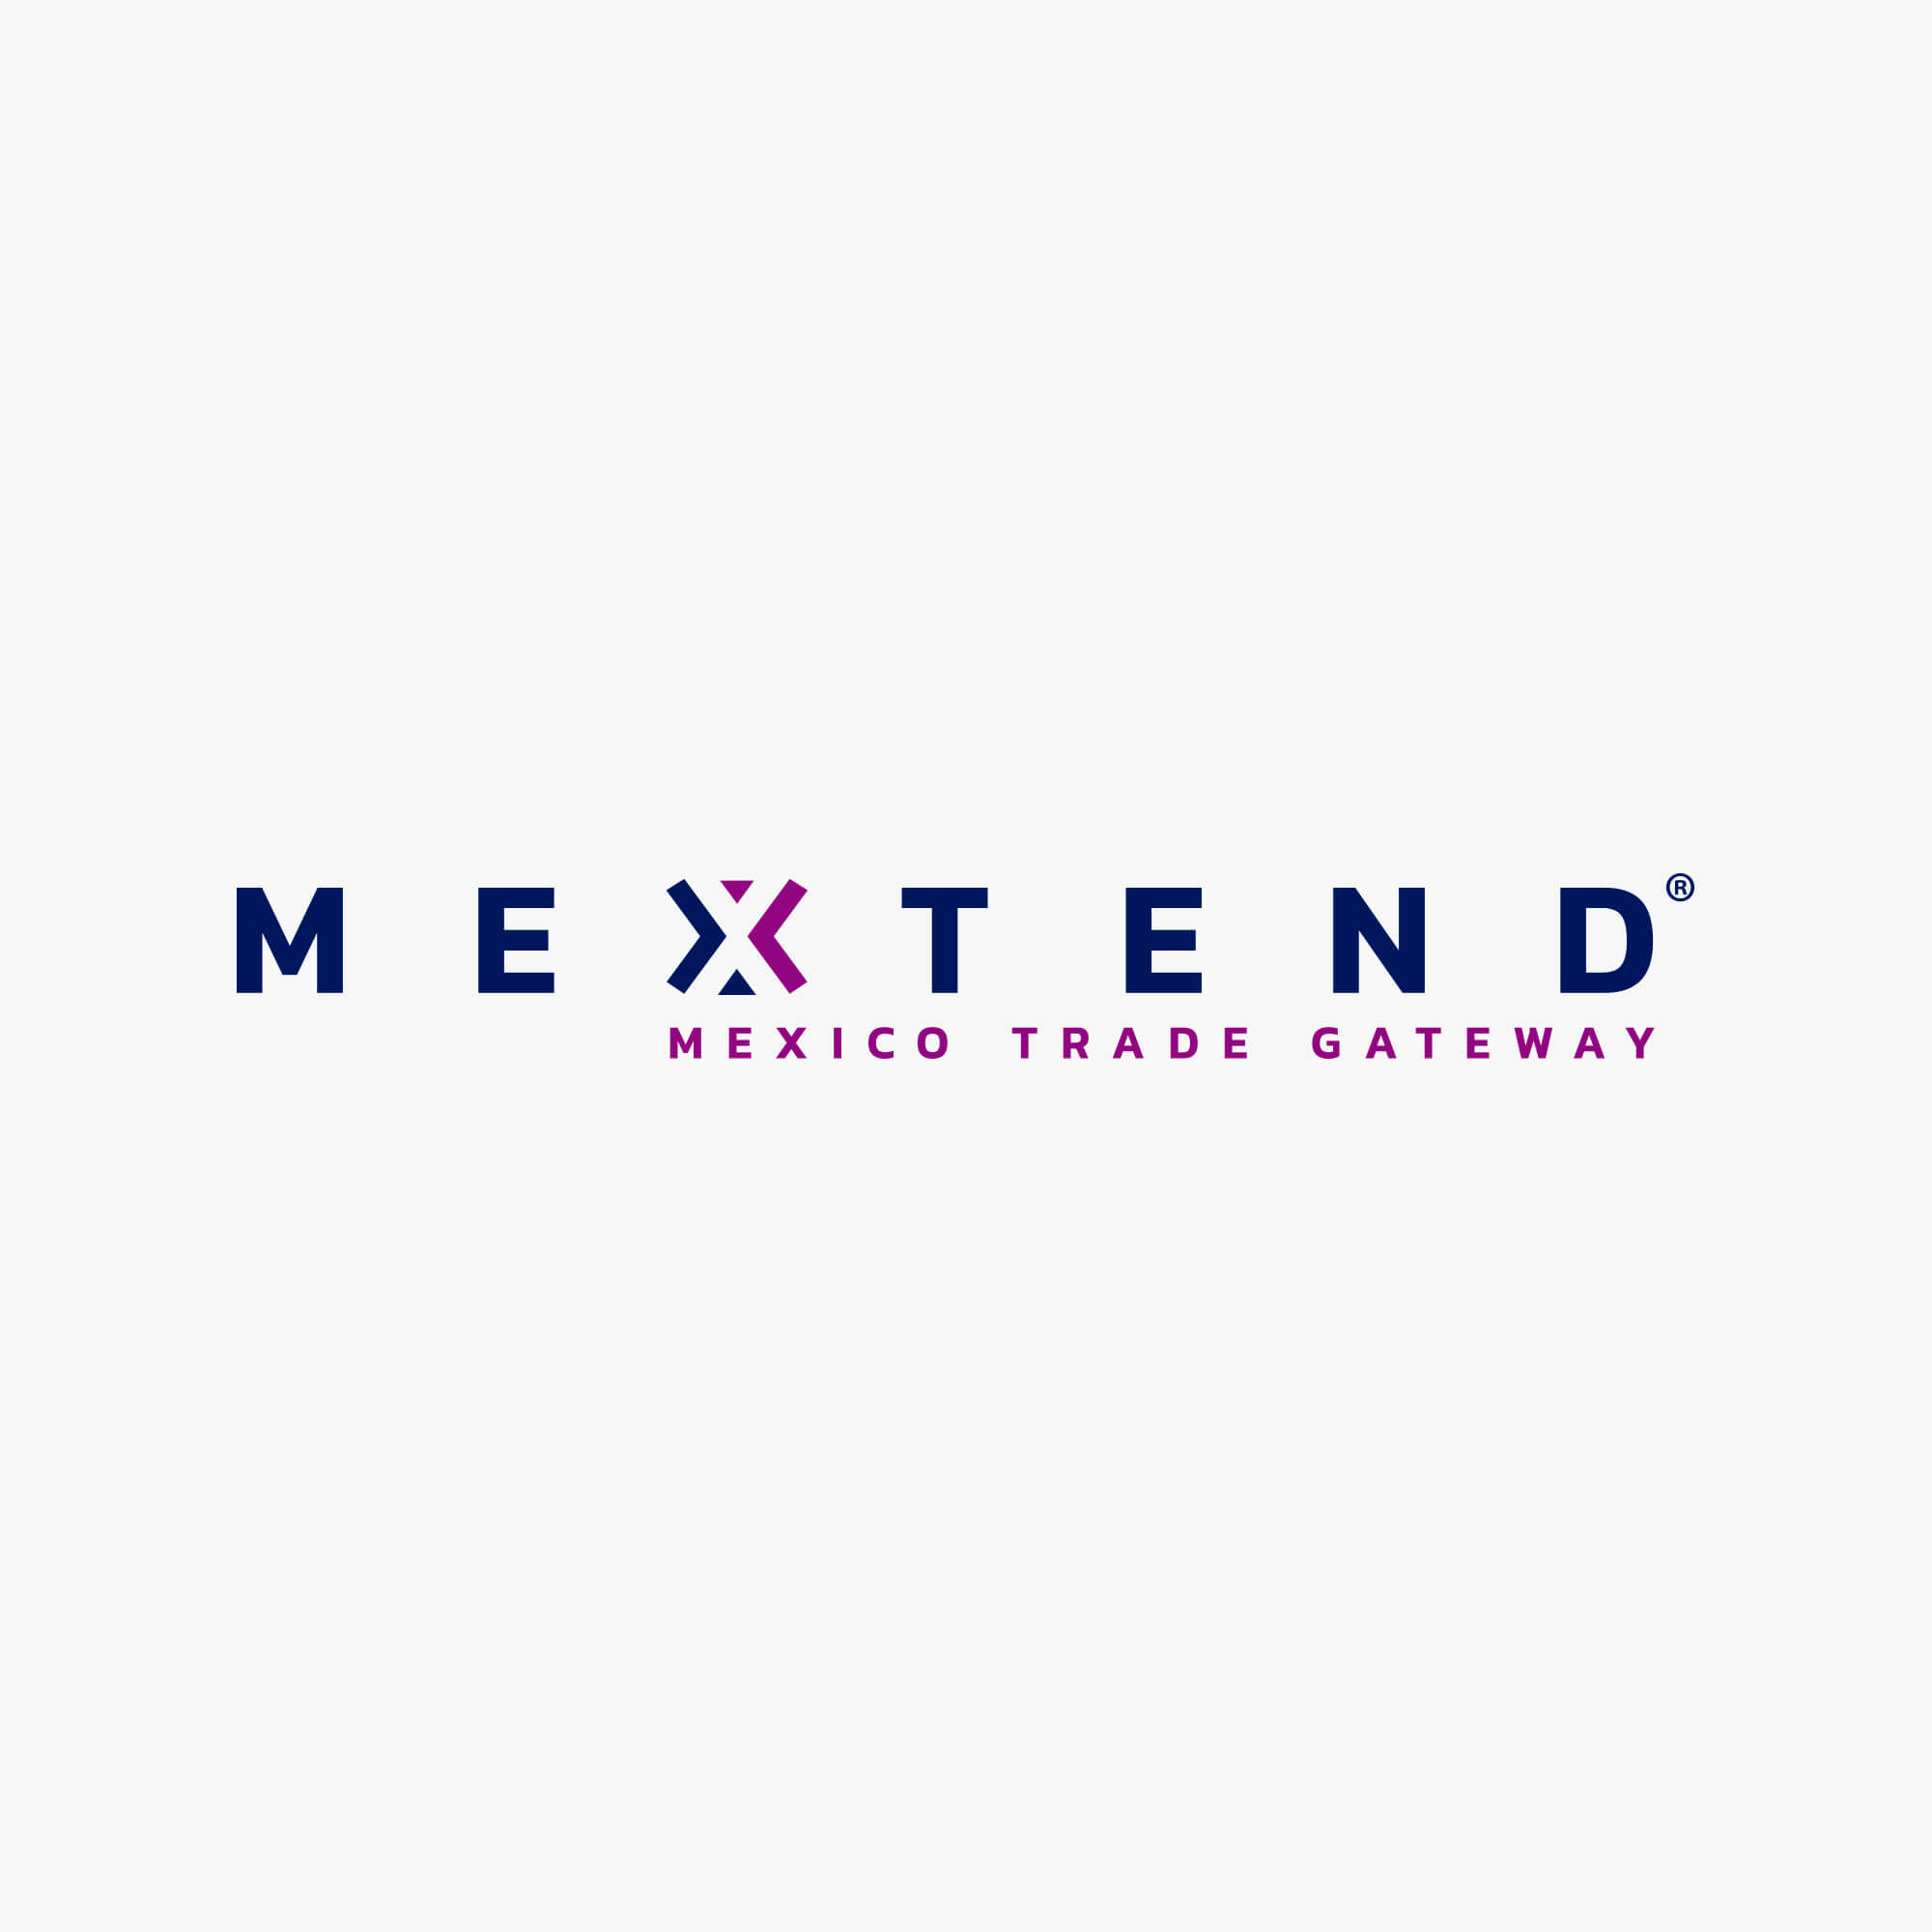 agencia-de-branding-colateral-mextend-branding-1